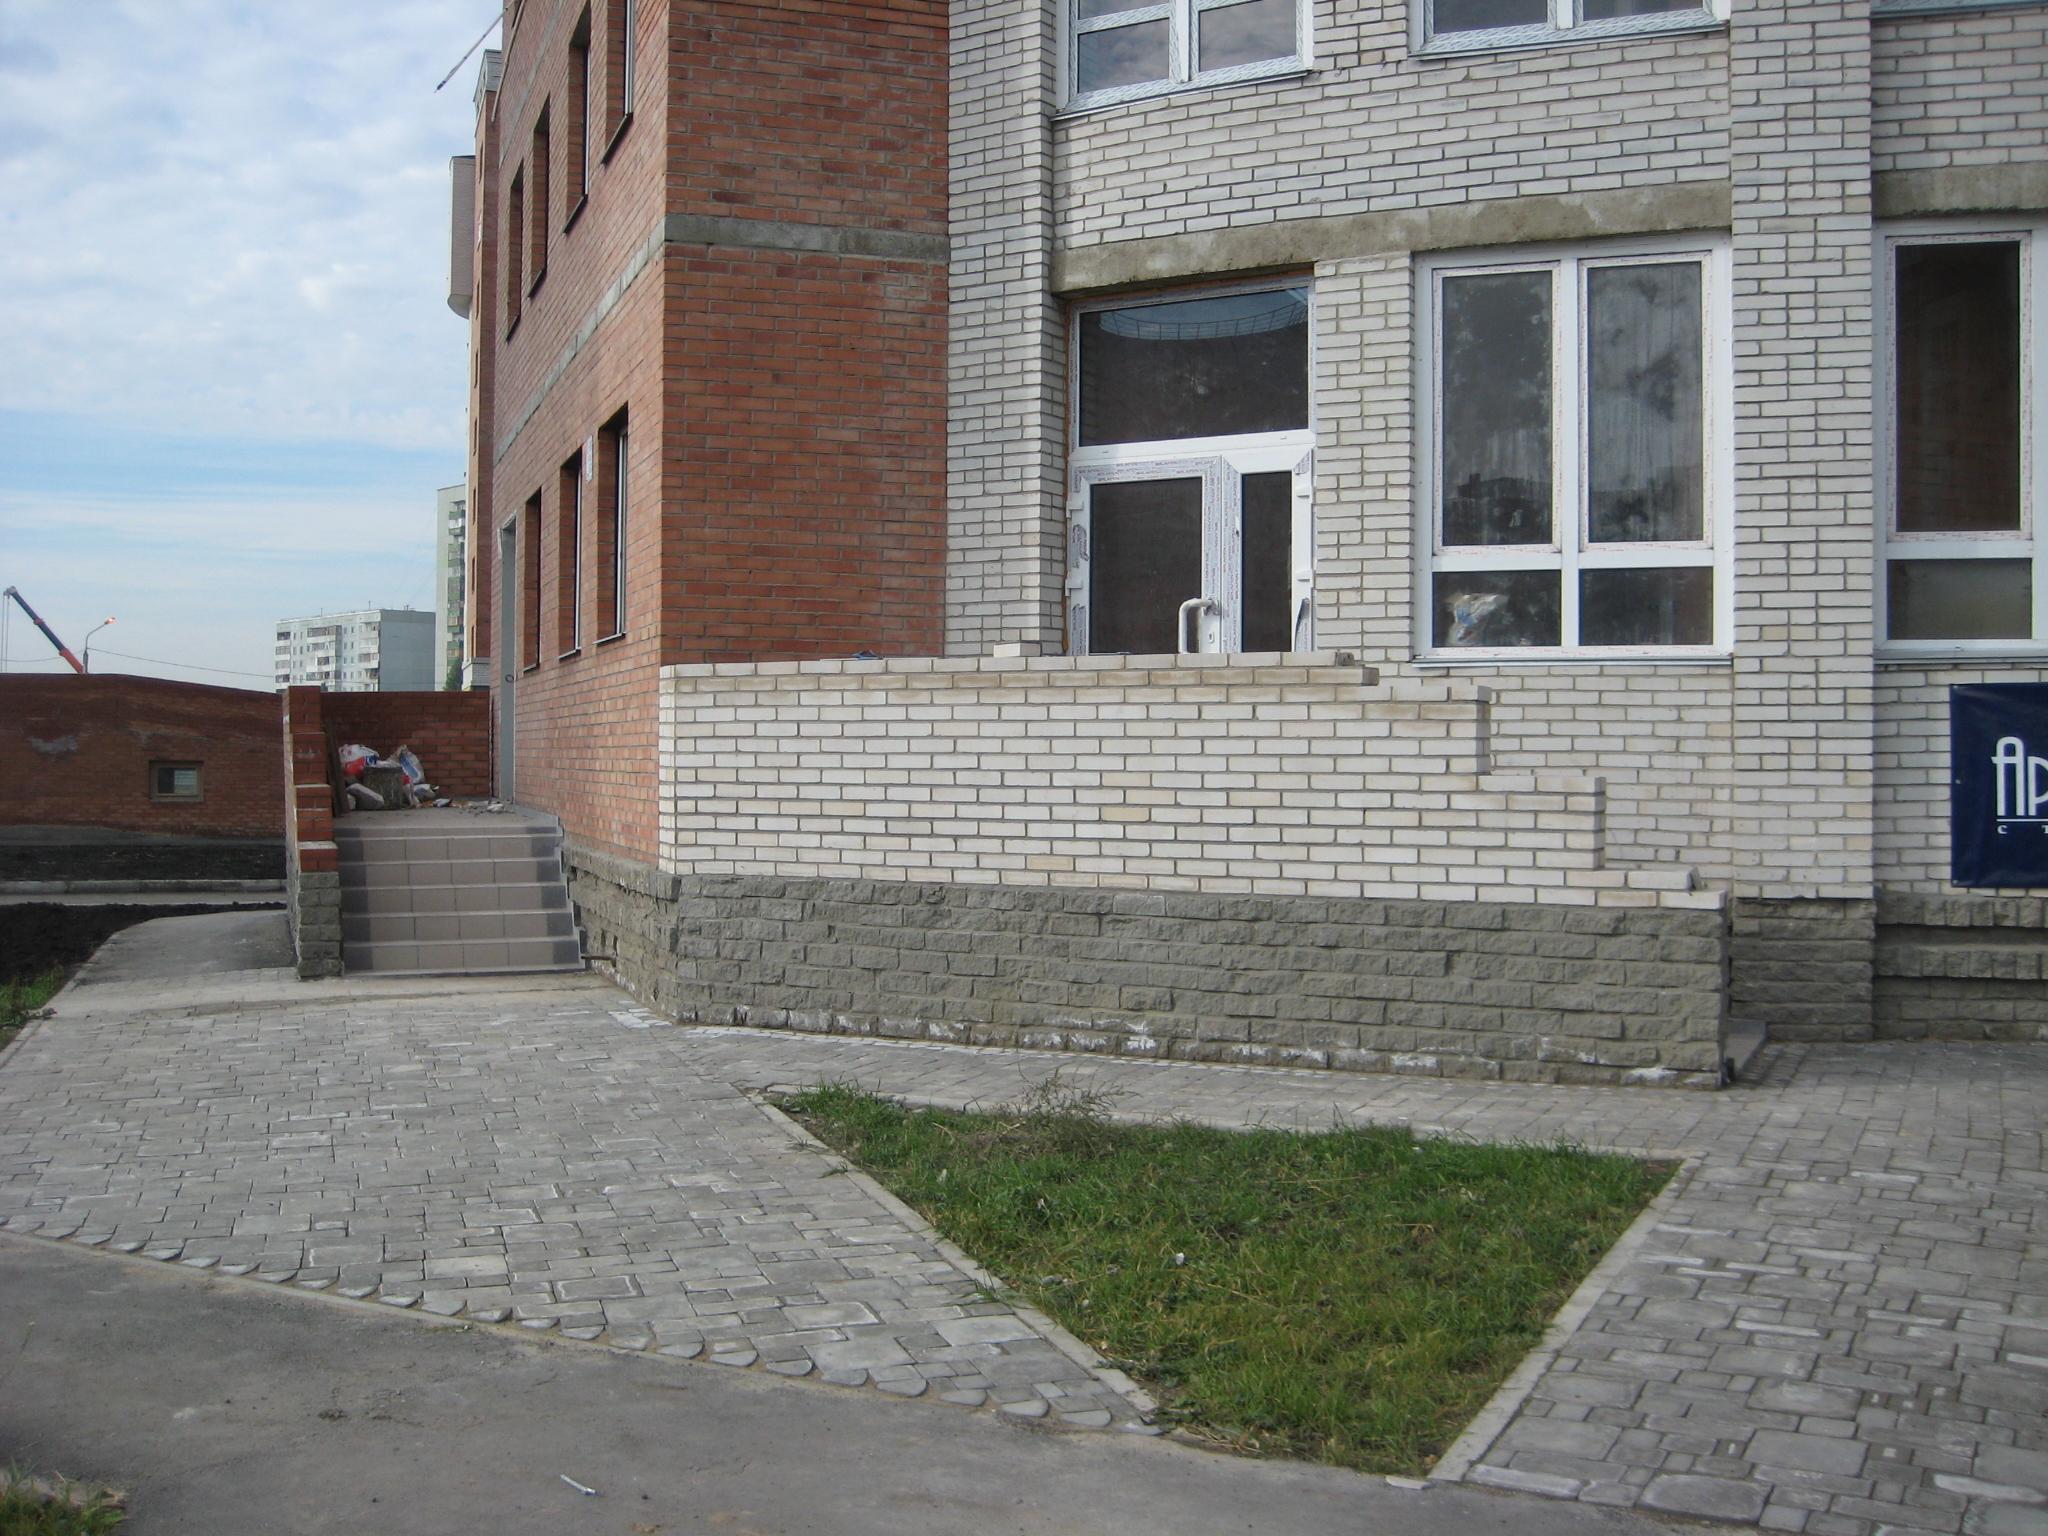 http://plitka-omsk55.ru/images/upload/IMG_2565.JPG